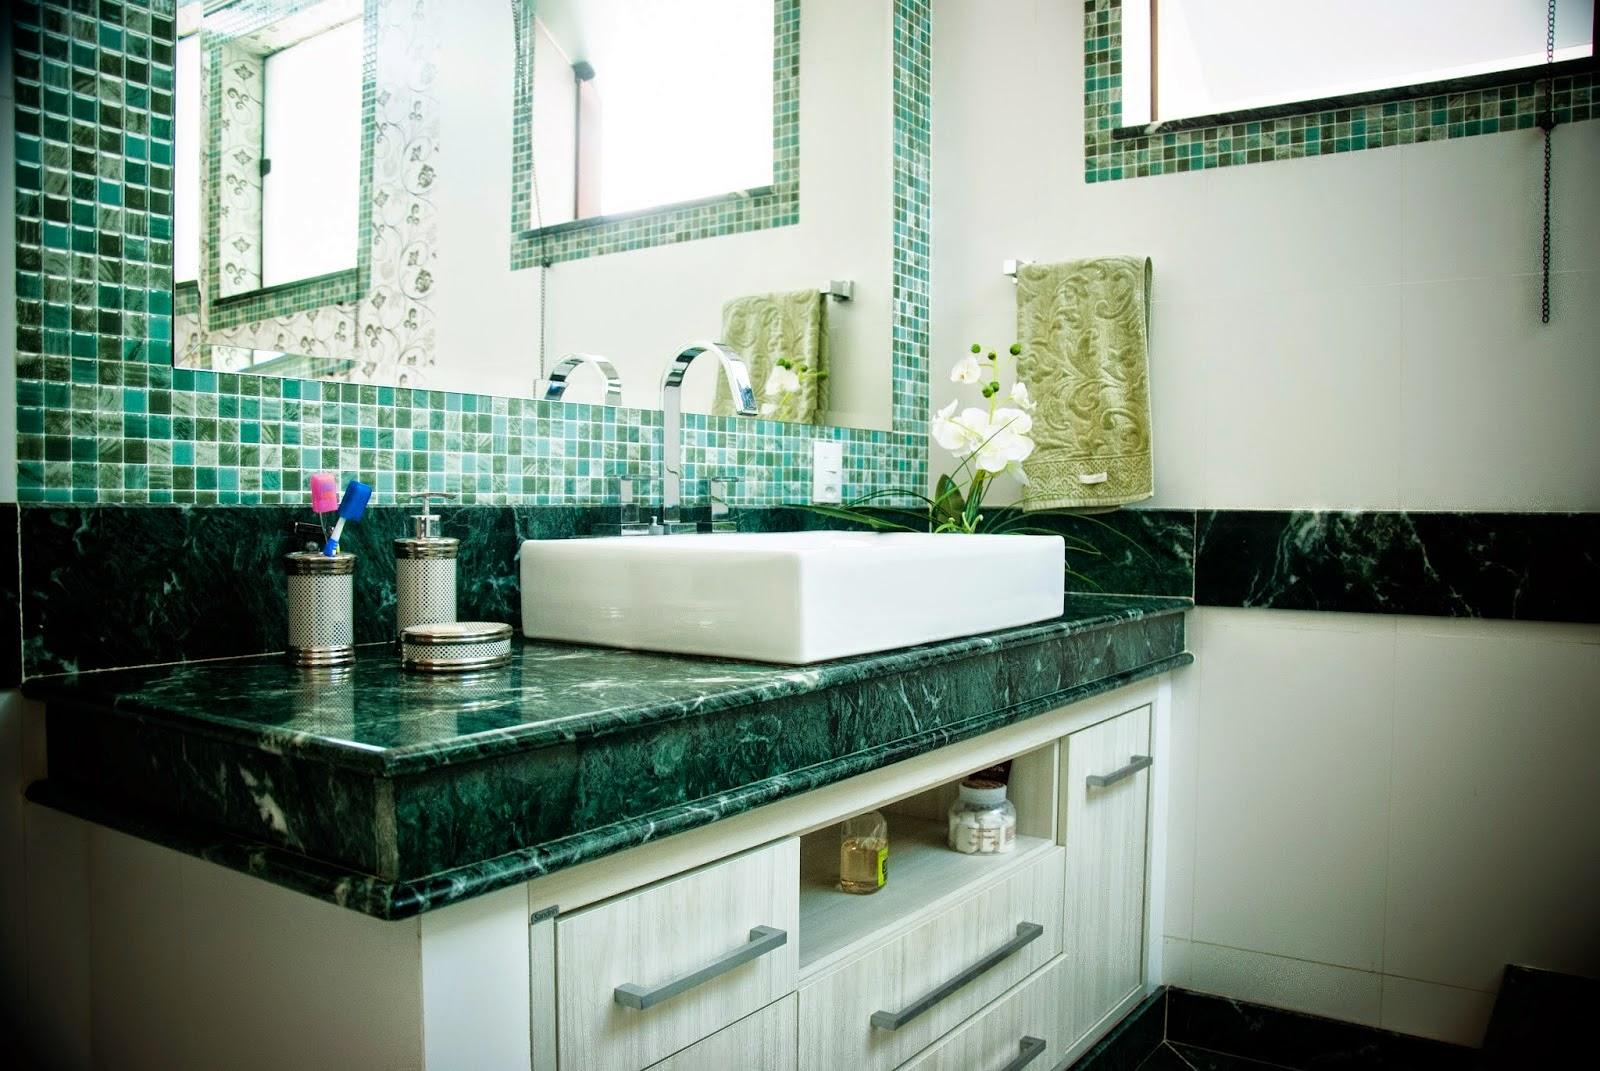 Urbanística: Cubas: como escolher o melhor modelo para o seu banheiro #3C7E69 1600x1071 Bancada Banheiro Usada